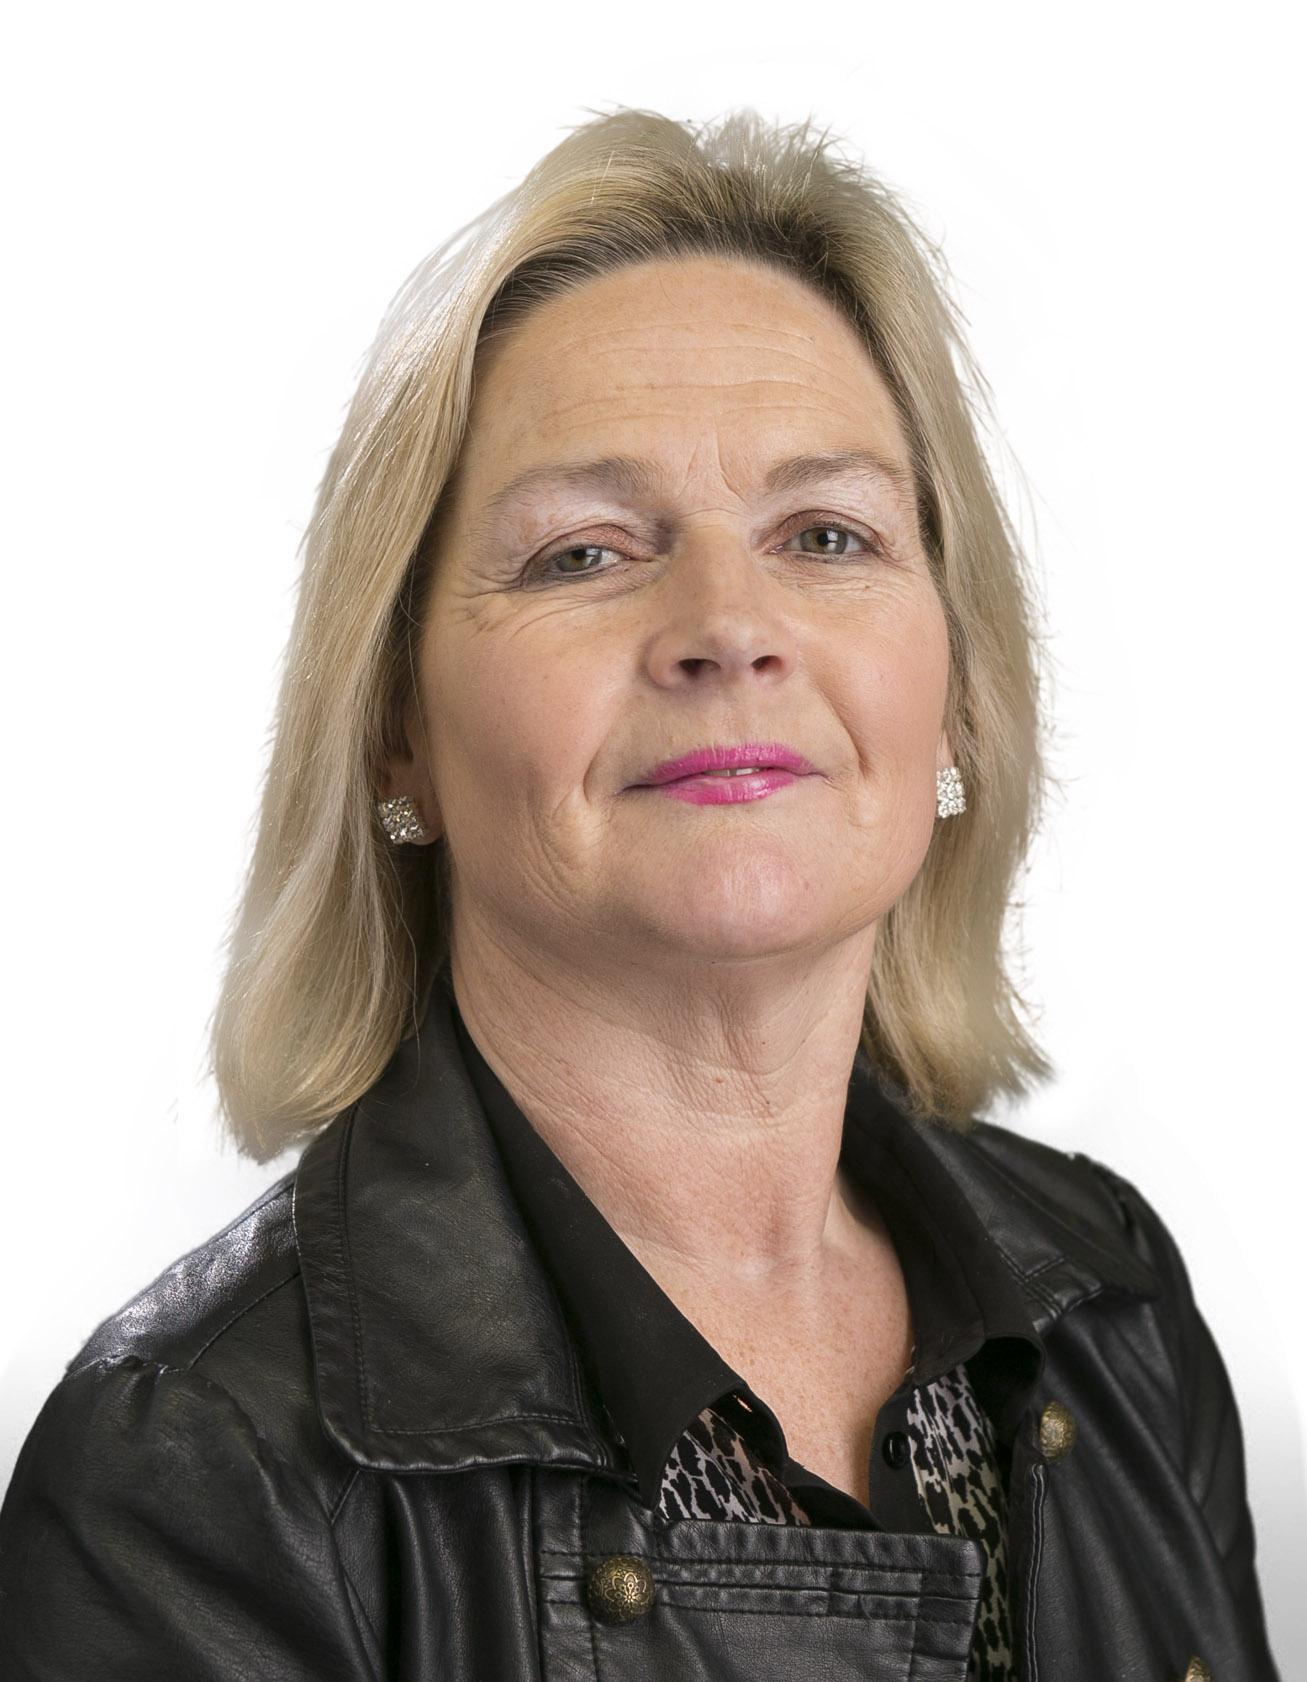 Dr. Finola Doyle-O'Neill